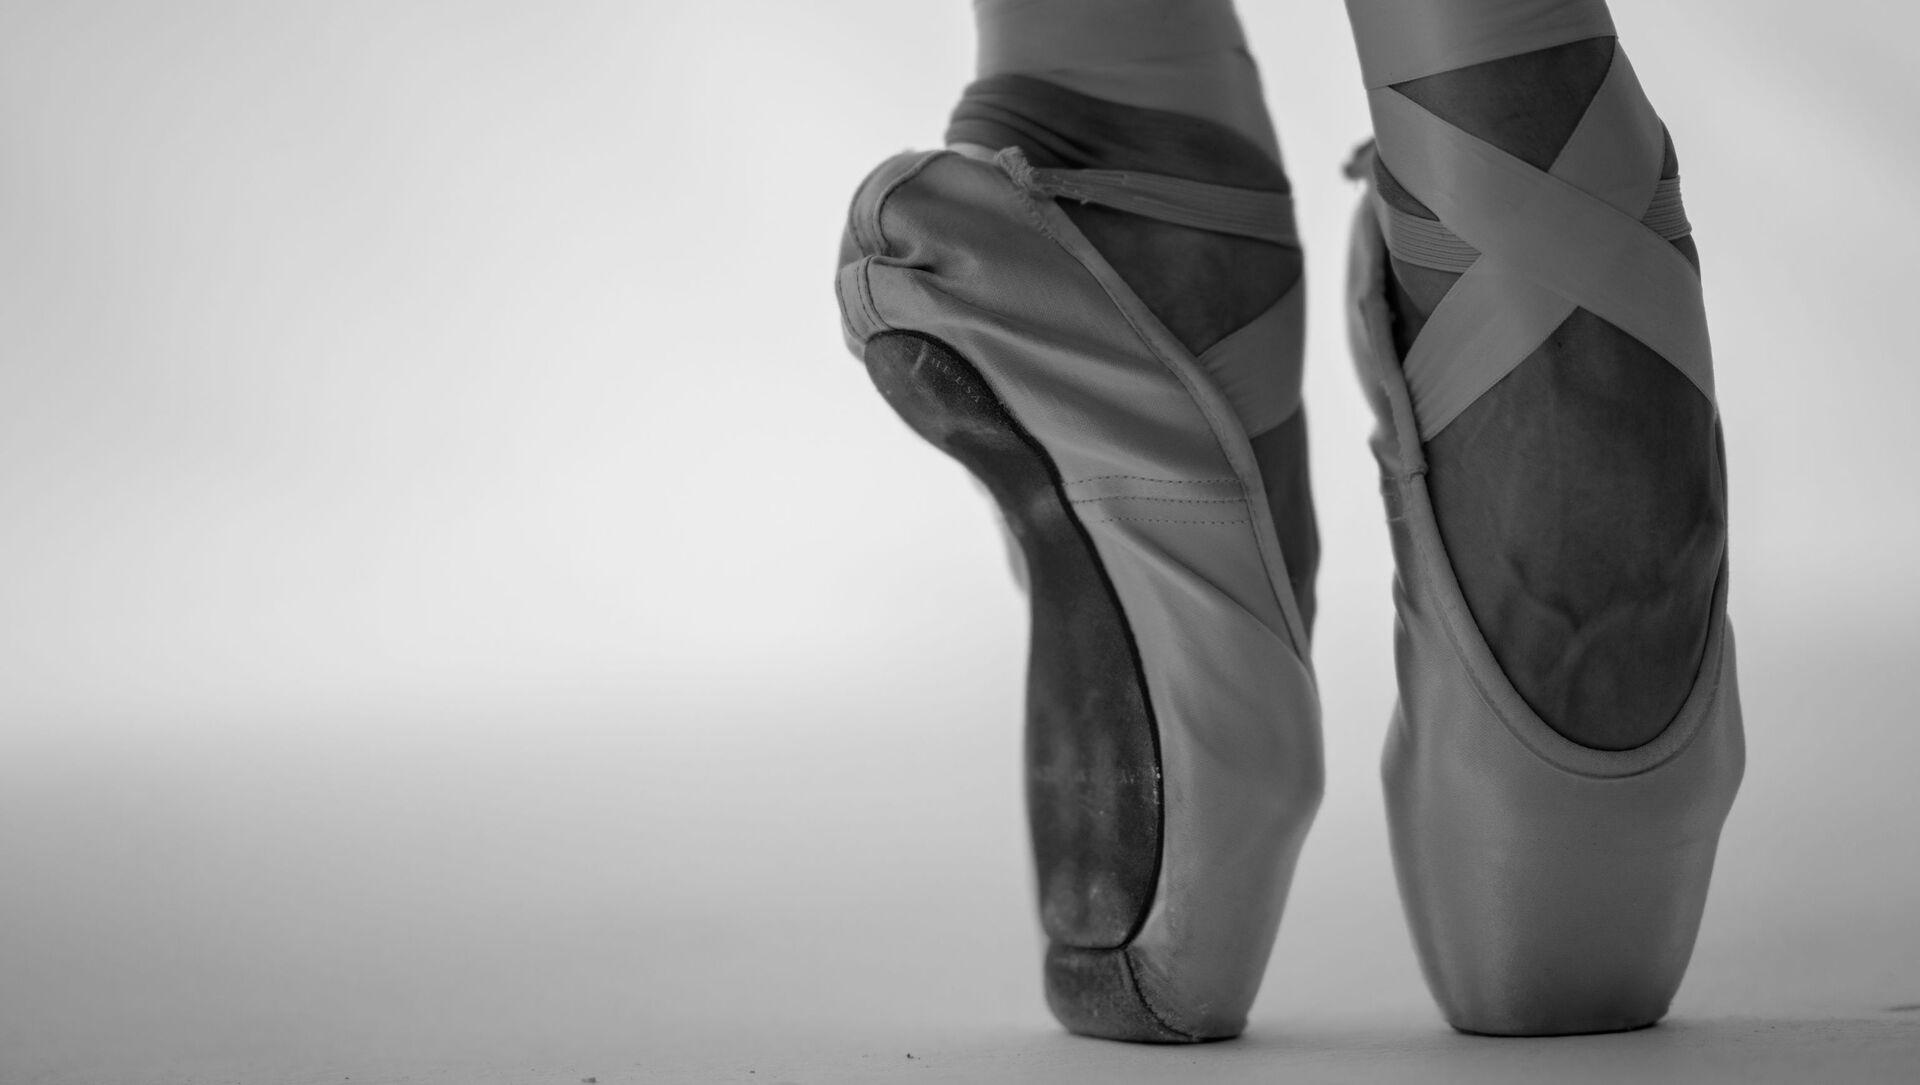 Zapatillas de punta (imagen referencial) - Sputnik Mundo, 1920, 09.02.2021